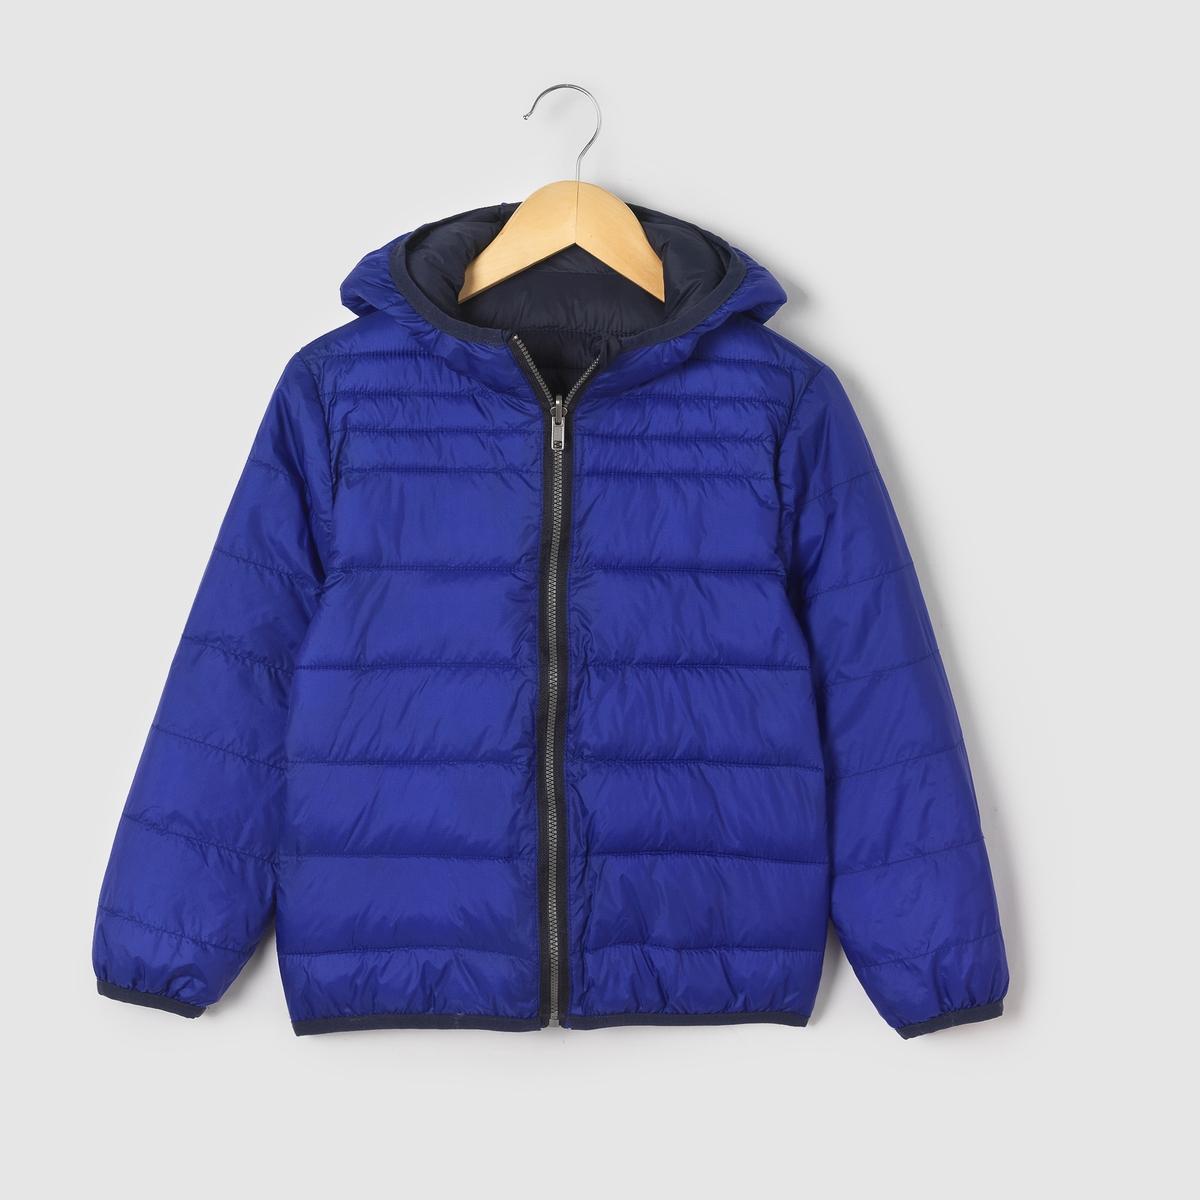 Куртка стеганая с капюшоном, двухсторонняя 3-12 летОписание:Детали •  Демисезонная модель •  Непромокаемая •  Застежка на молнию •  С капюшоном •  Длина : средняяСостав и уход •  100% полиэстер •  Подкладка : 100% полиэстер •  Наполнитель : 100% полиэстер •  Температура стирки 30° •  Сухая чистка и отбеливание запрещены •  Не использовать барабанную сушку •  Не гладитьДвухсторонняя легкая куртка: две стороны, две расцветки<br><br>Цвет: желтый/ хаки,темно-синий<br>Размер: 12 лет -150 см.10 лет - 138 см.8 лет - 126 см.6 лет - 114 см.5 лет - 108 см